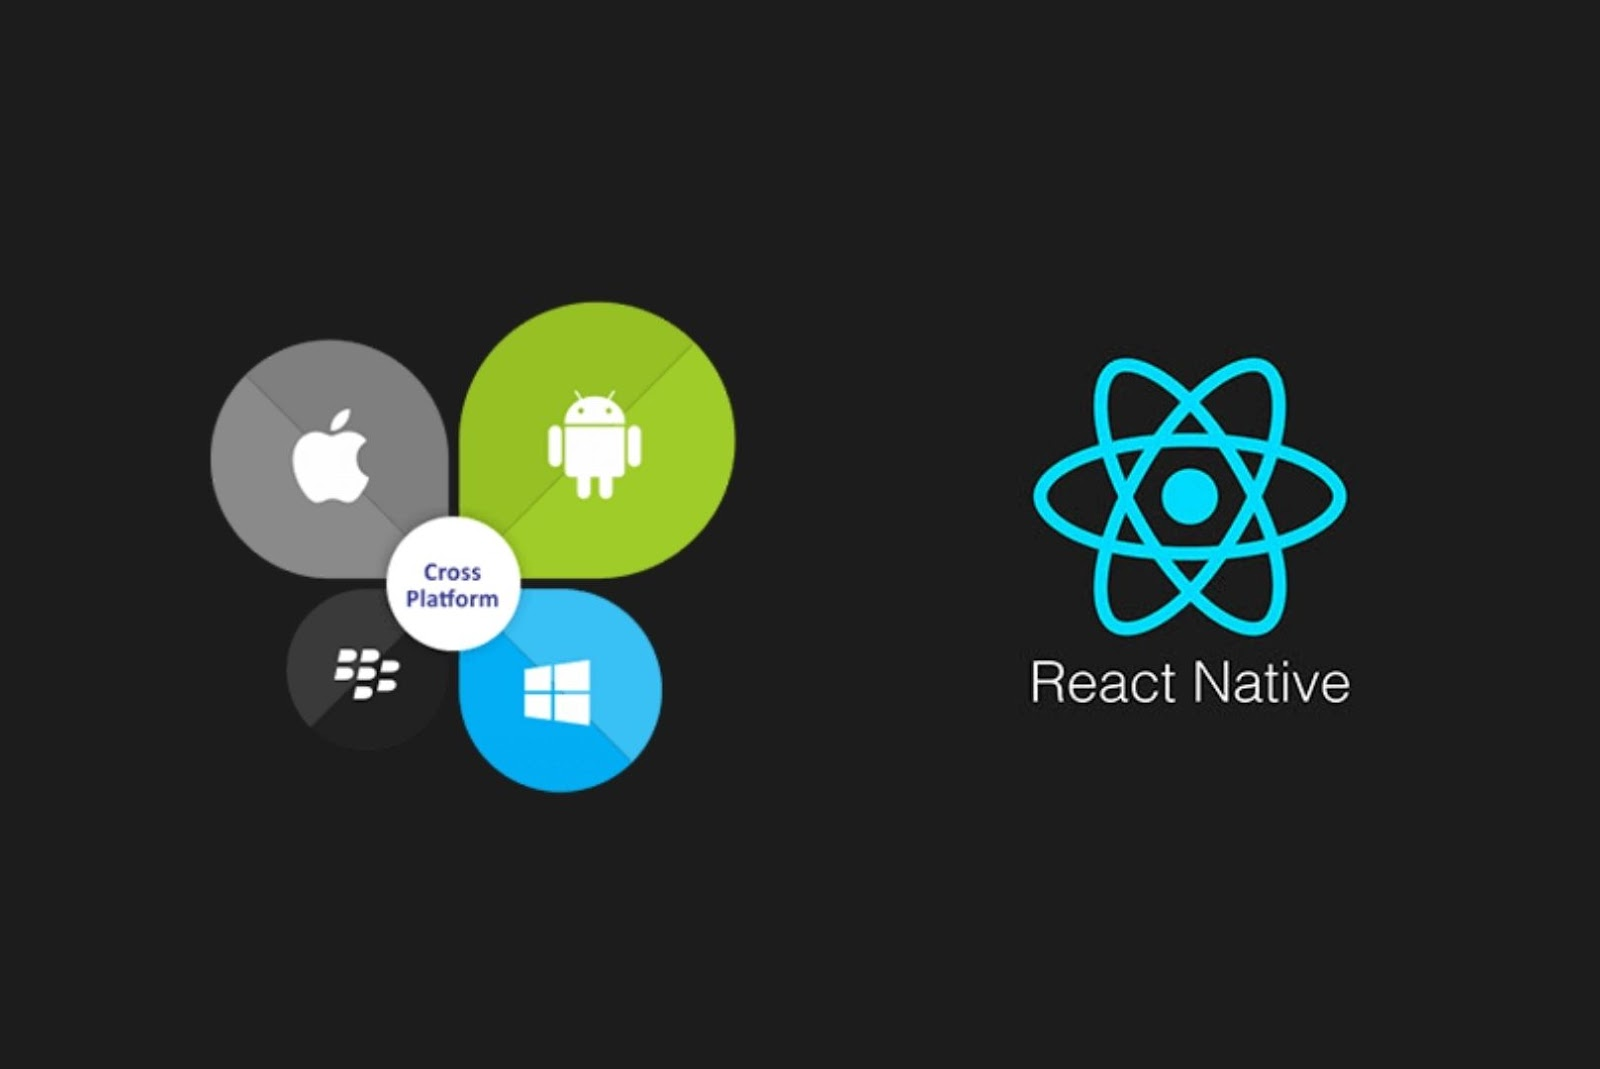 React for cross-platform mobile apps